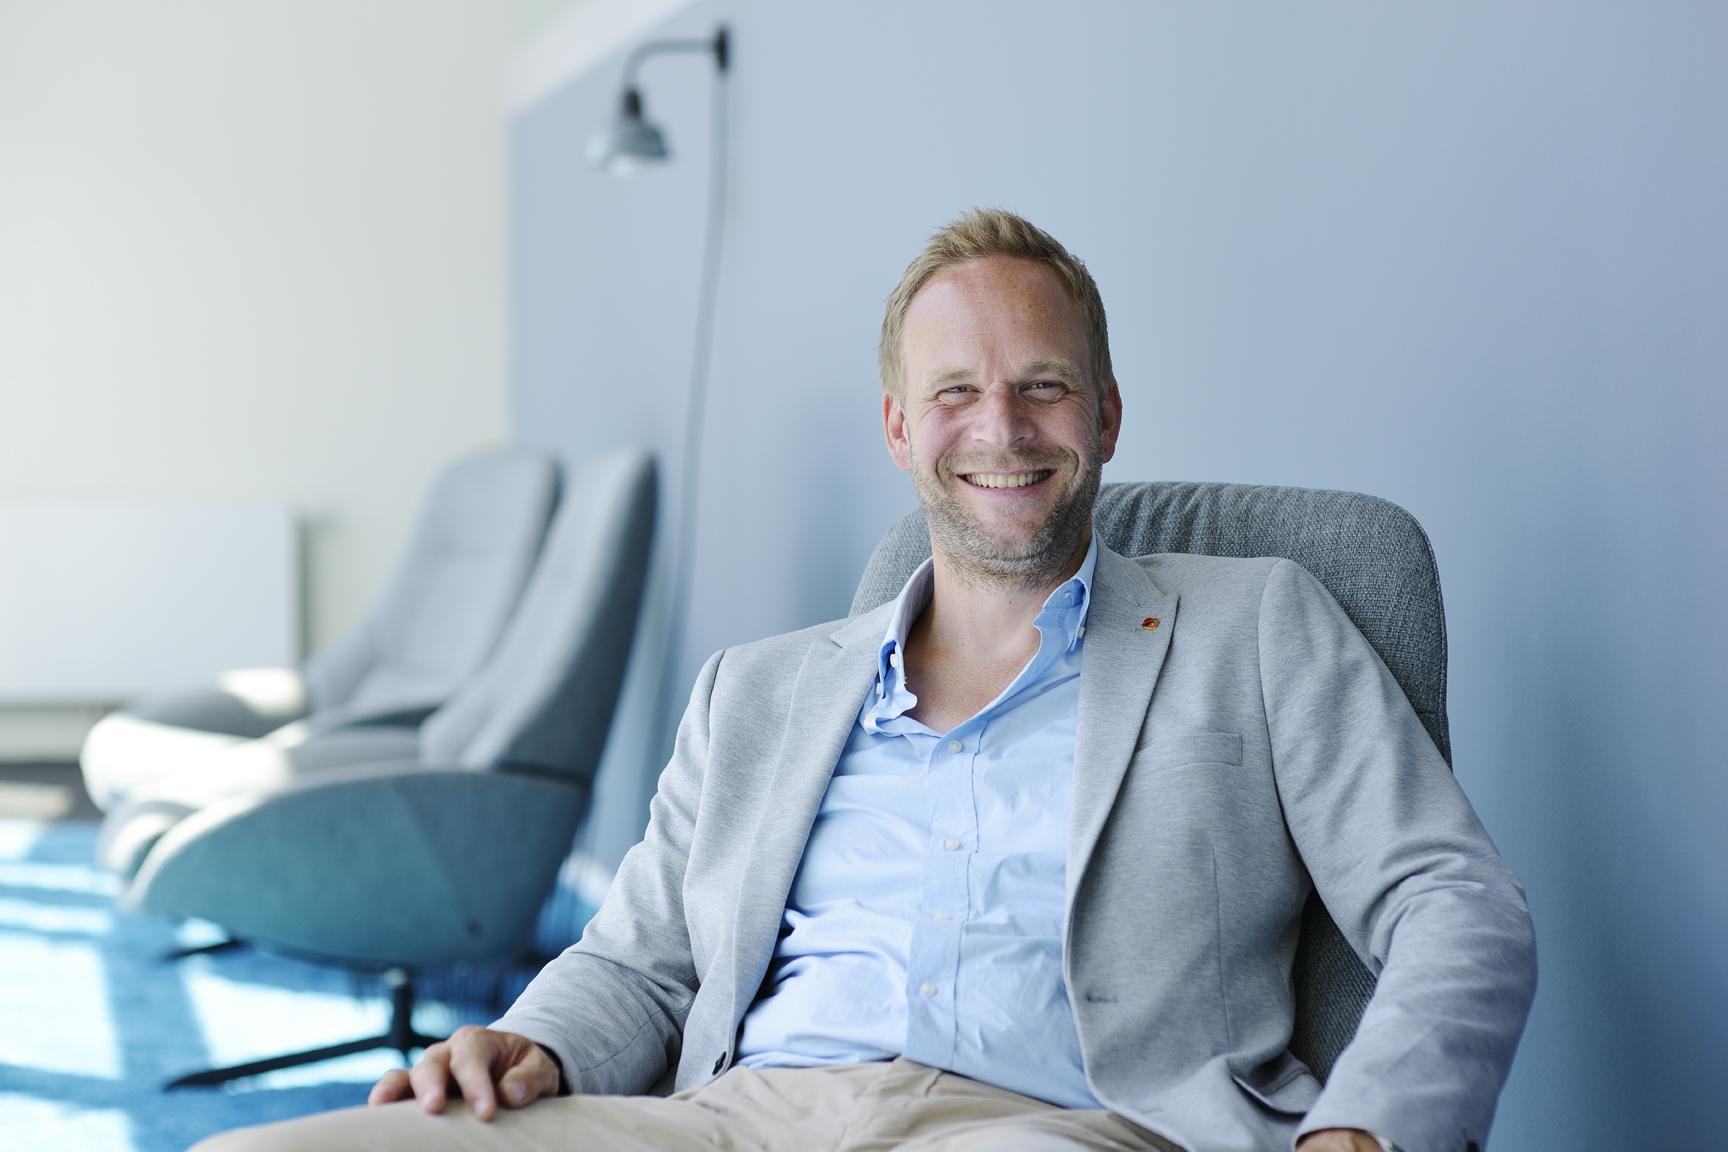 Daniel Neuhaus, Gründer und CEO, emetriq, zu seinem Rückzug aus dem Unternehmen